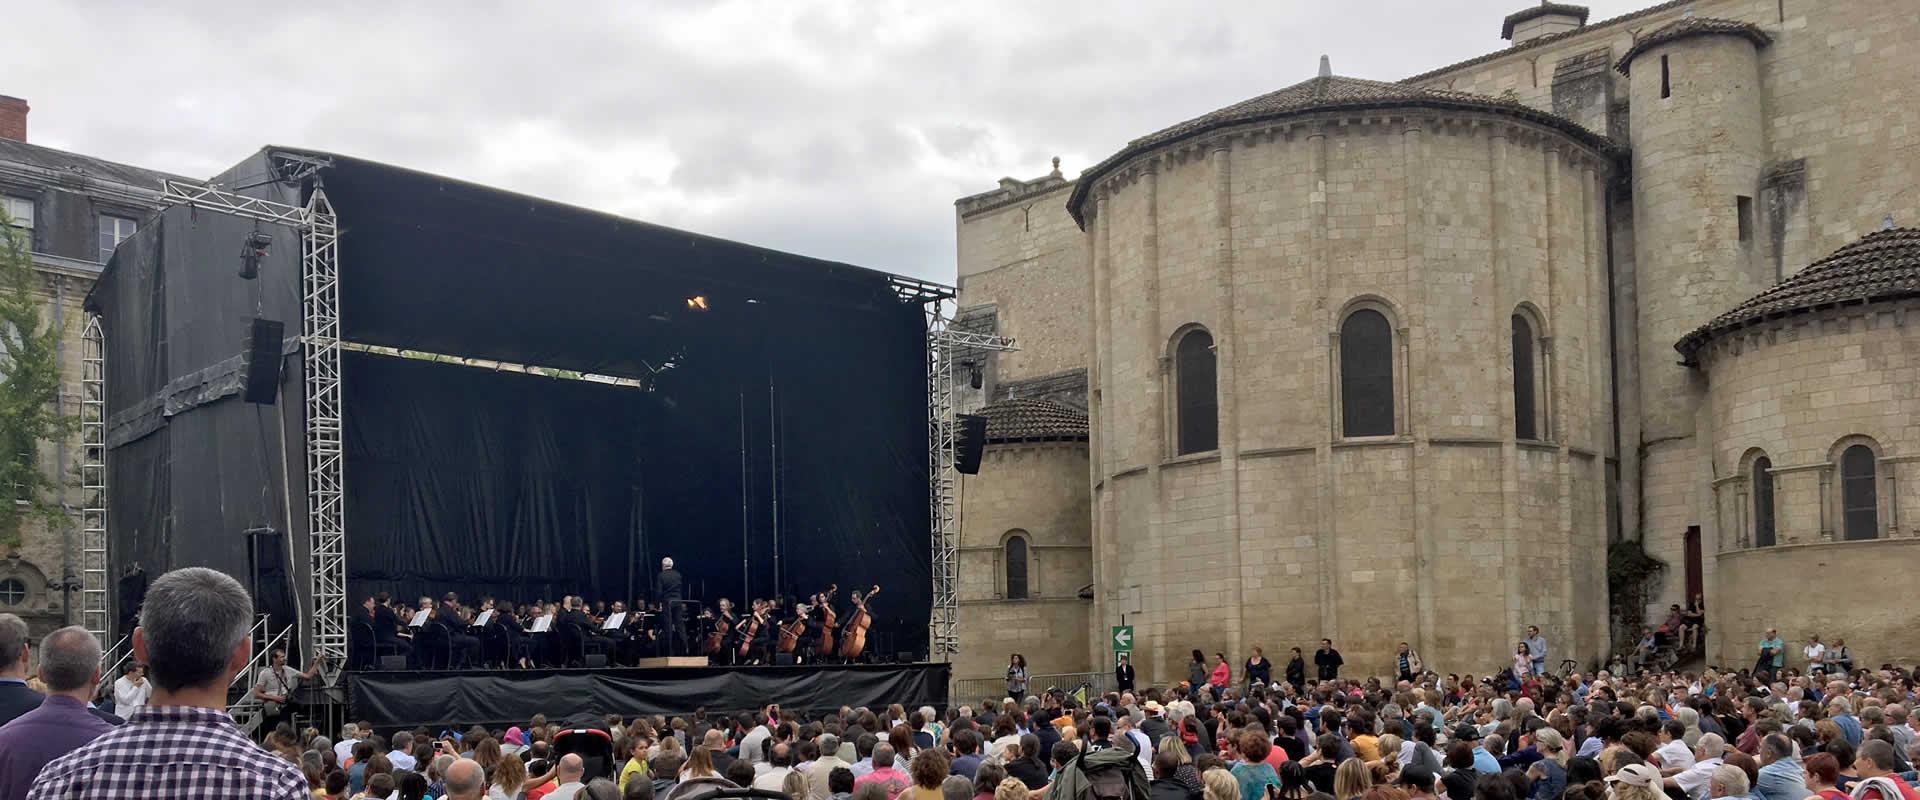 Visuel L'Opéra National de Bordeaux a fêté l'arrivée de la LGV